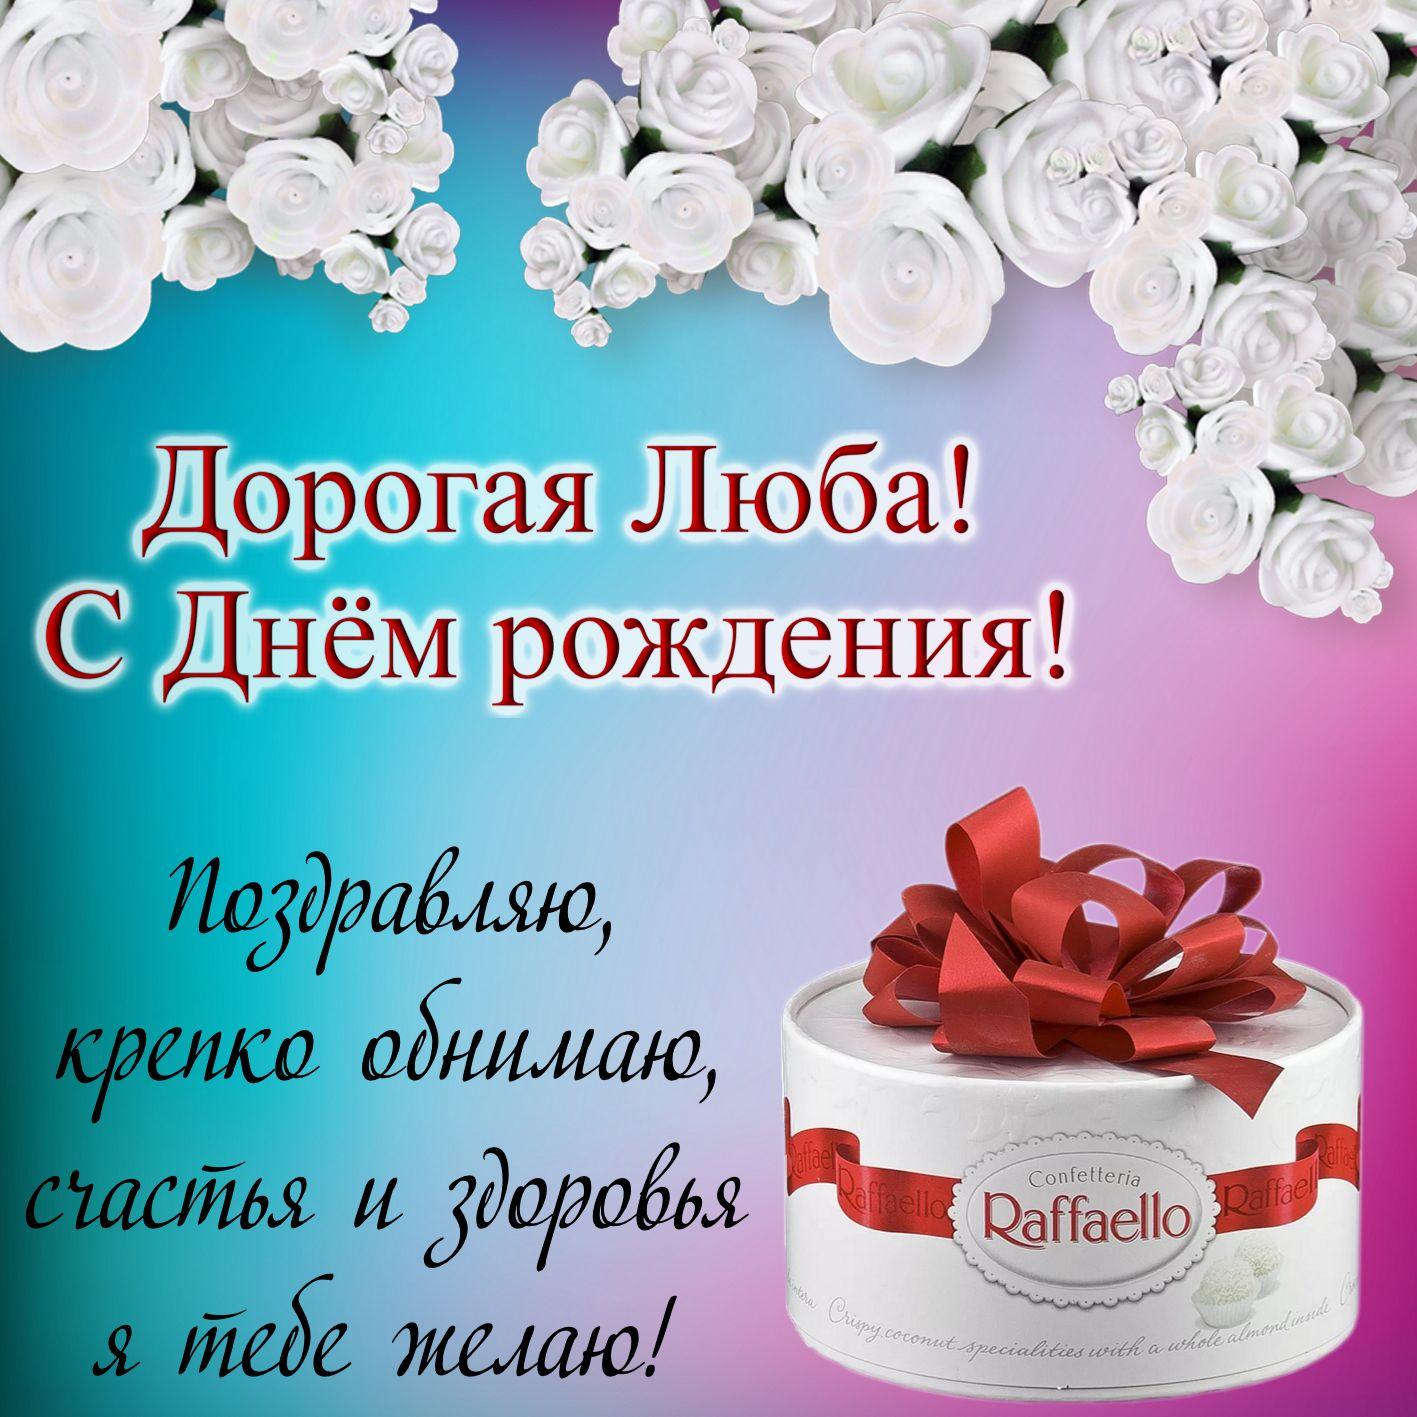 Белые картинки, именные открытки любовь женщине красивые